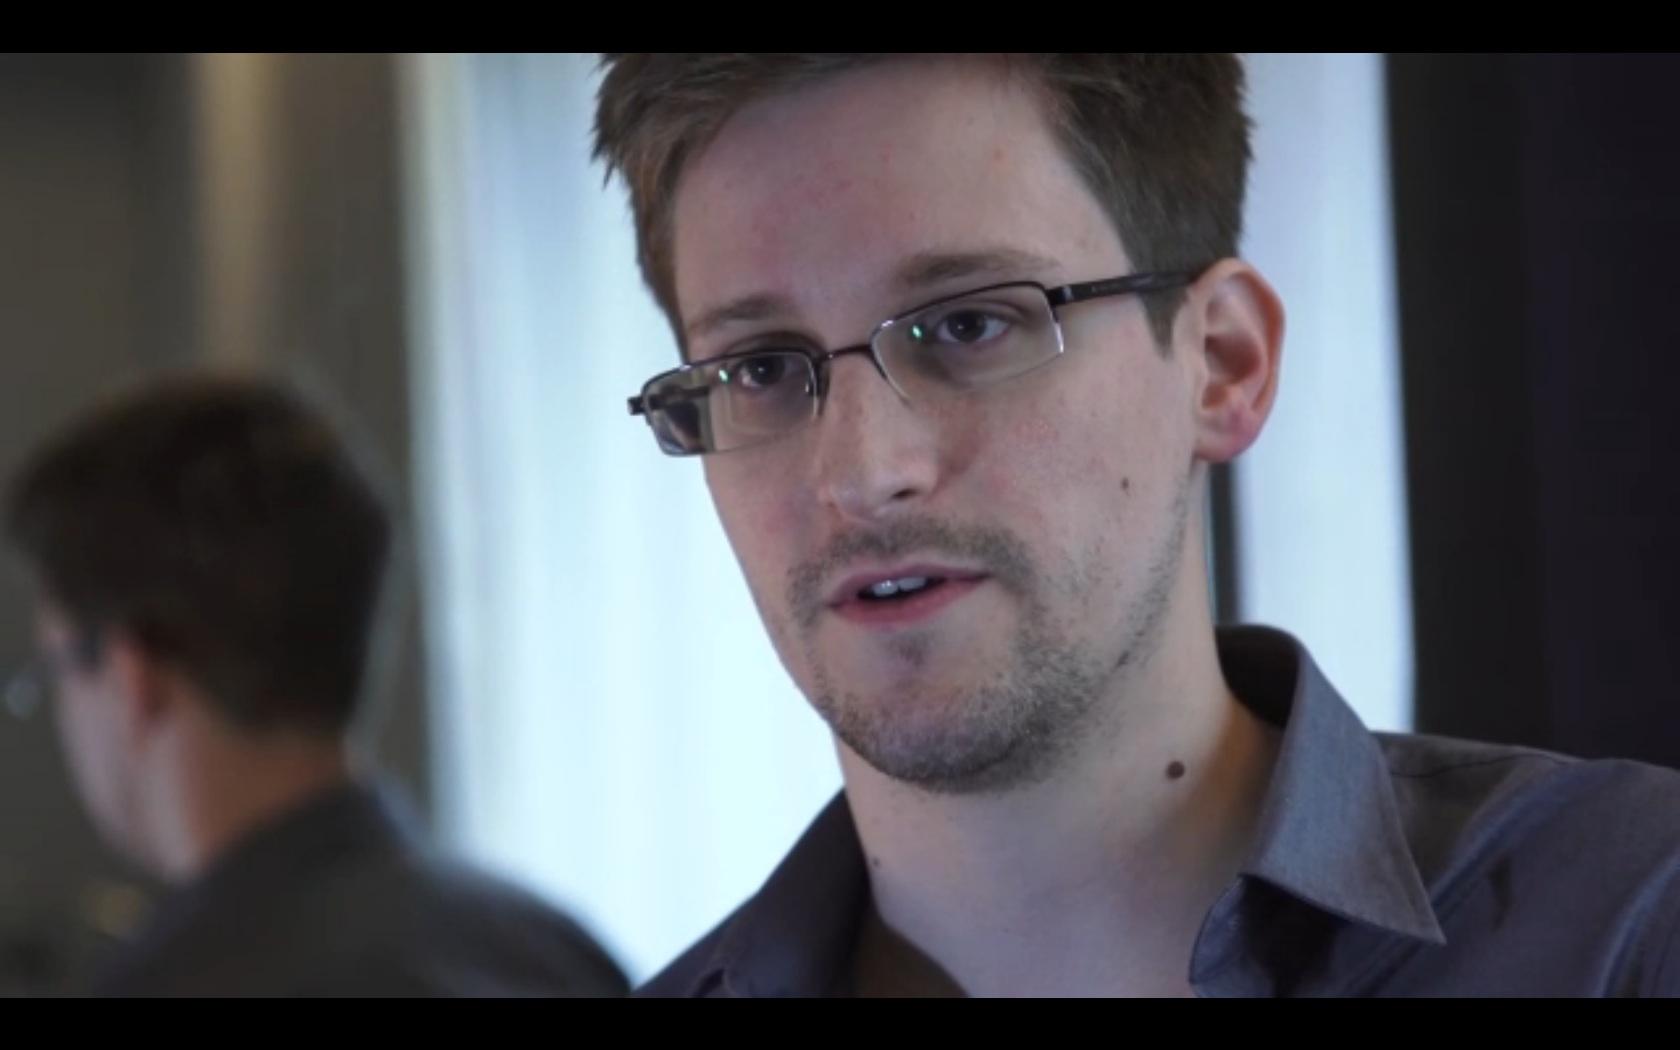 Edeward-Snowden